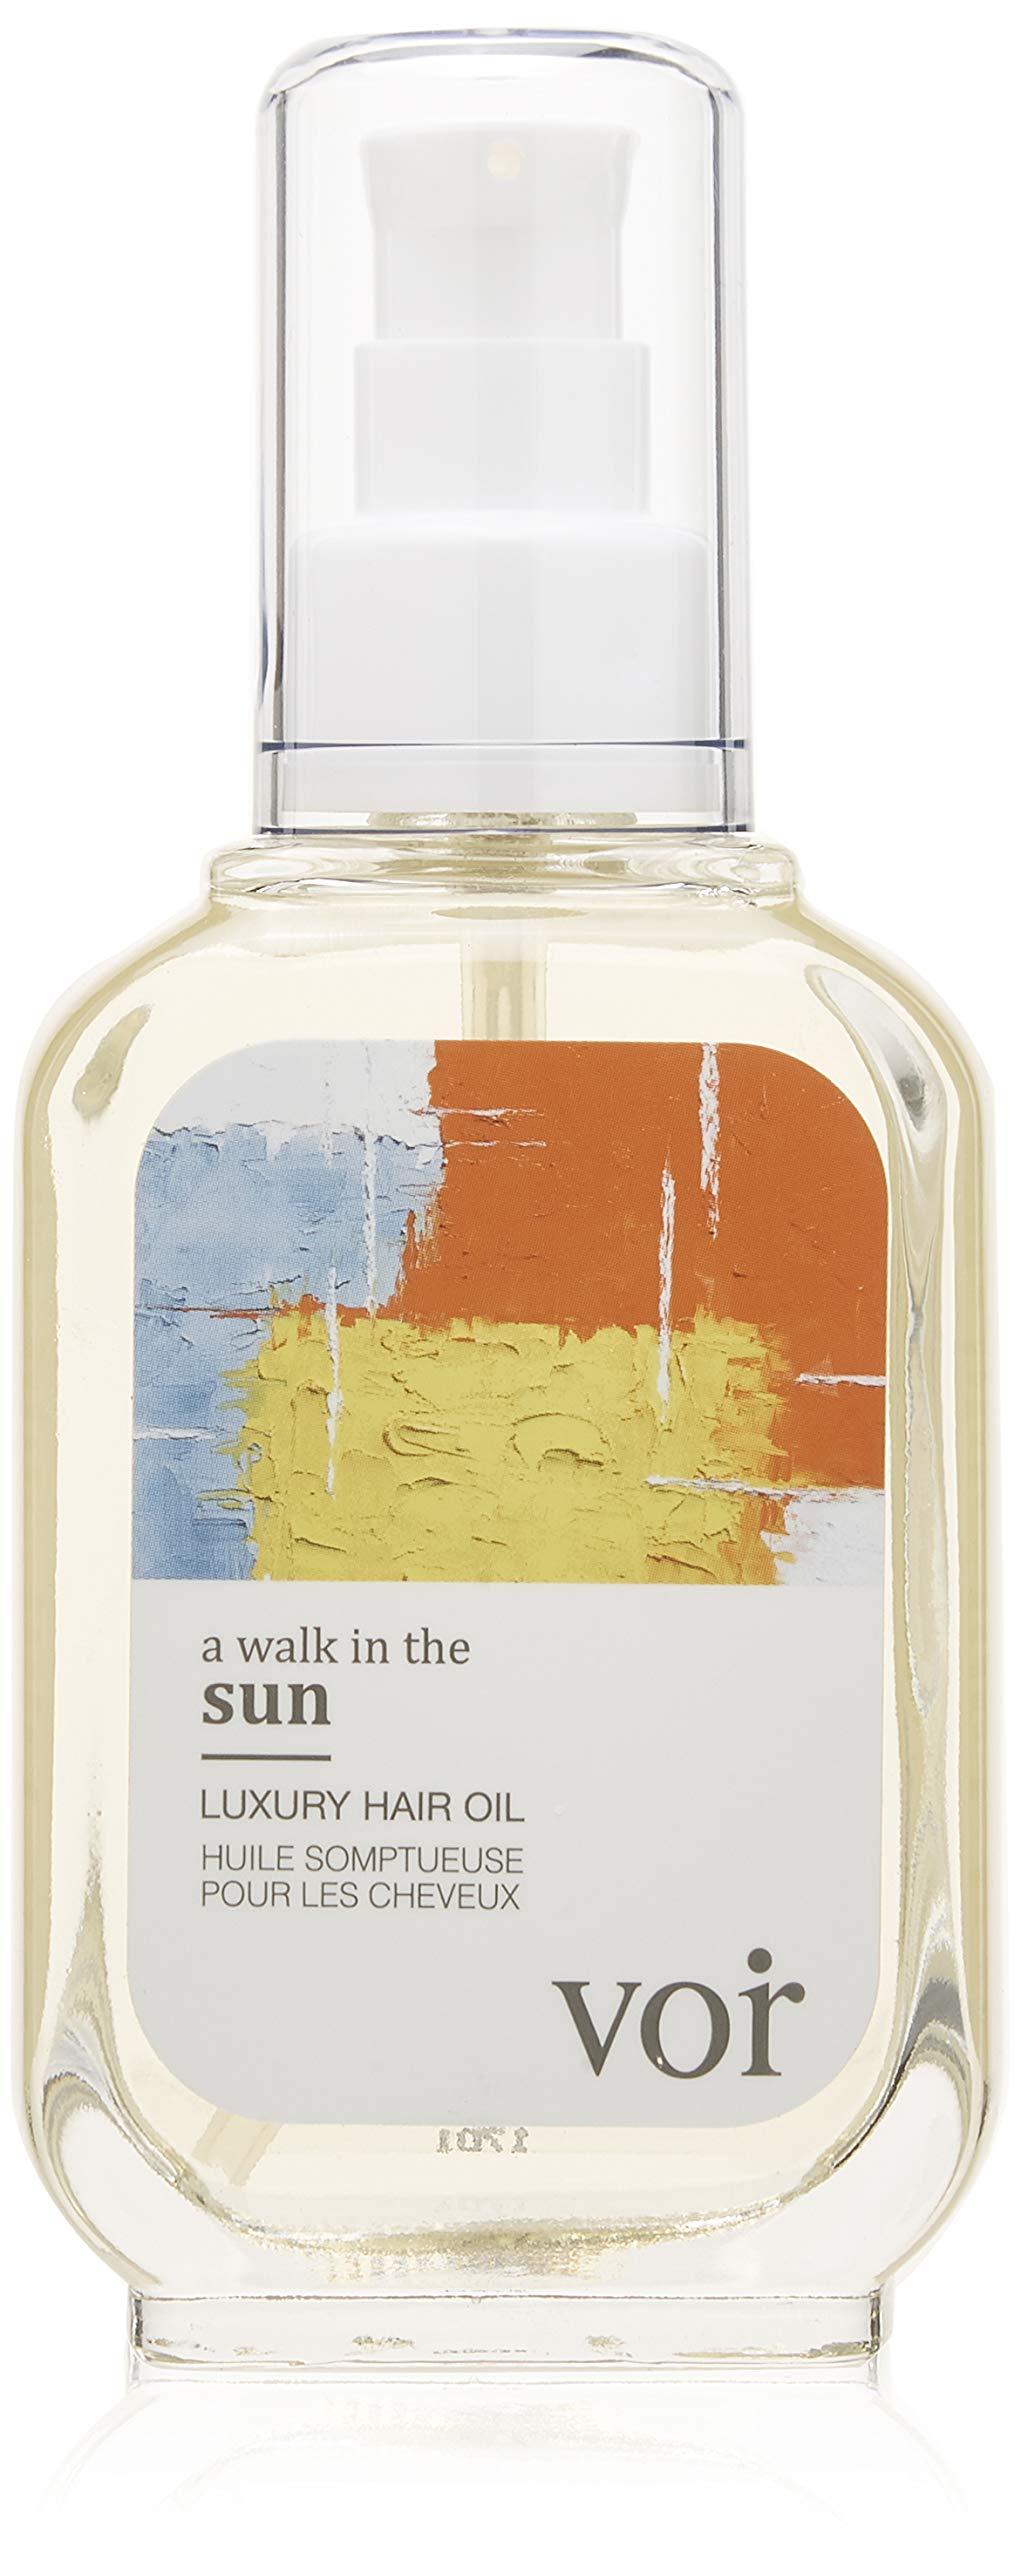 Voir - Luxury Natural Hair Oil   A Walk in The Sun (3.4 fl oz   100 ml)